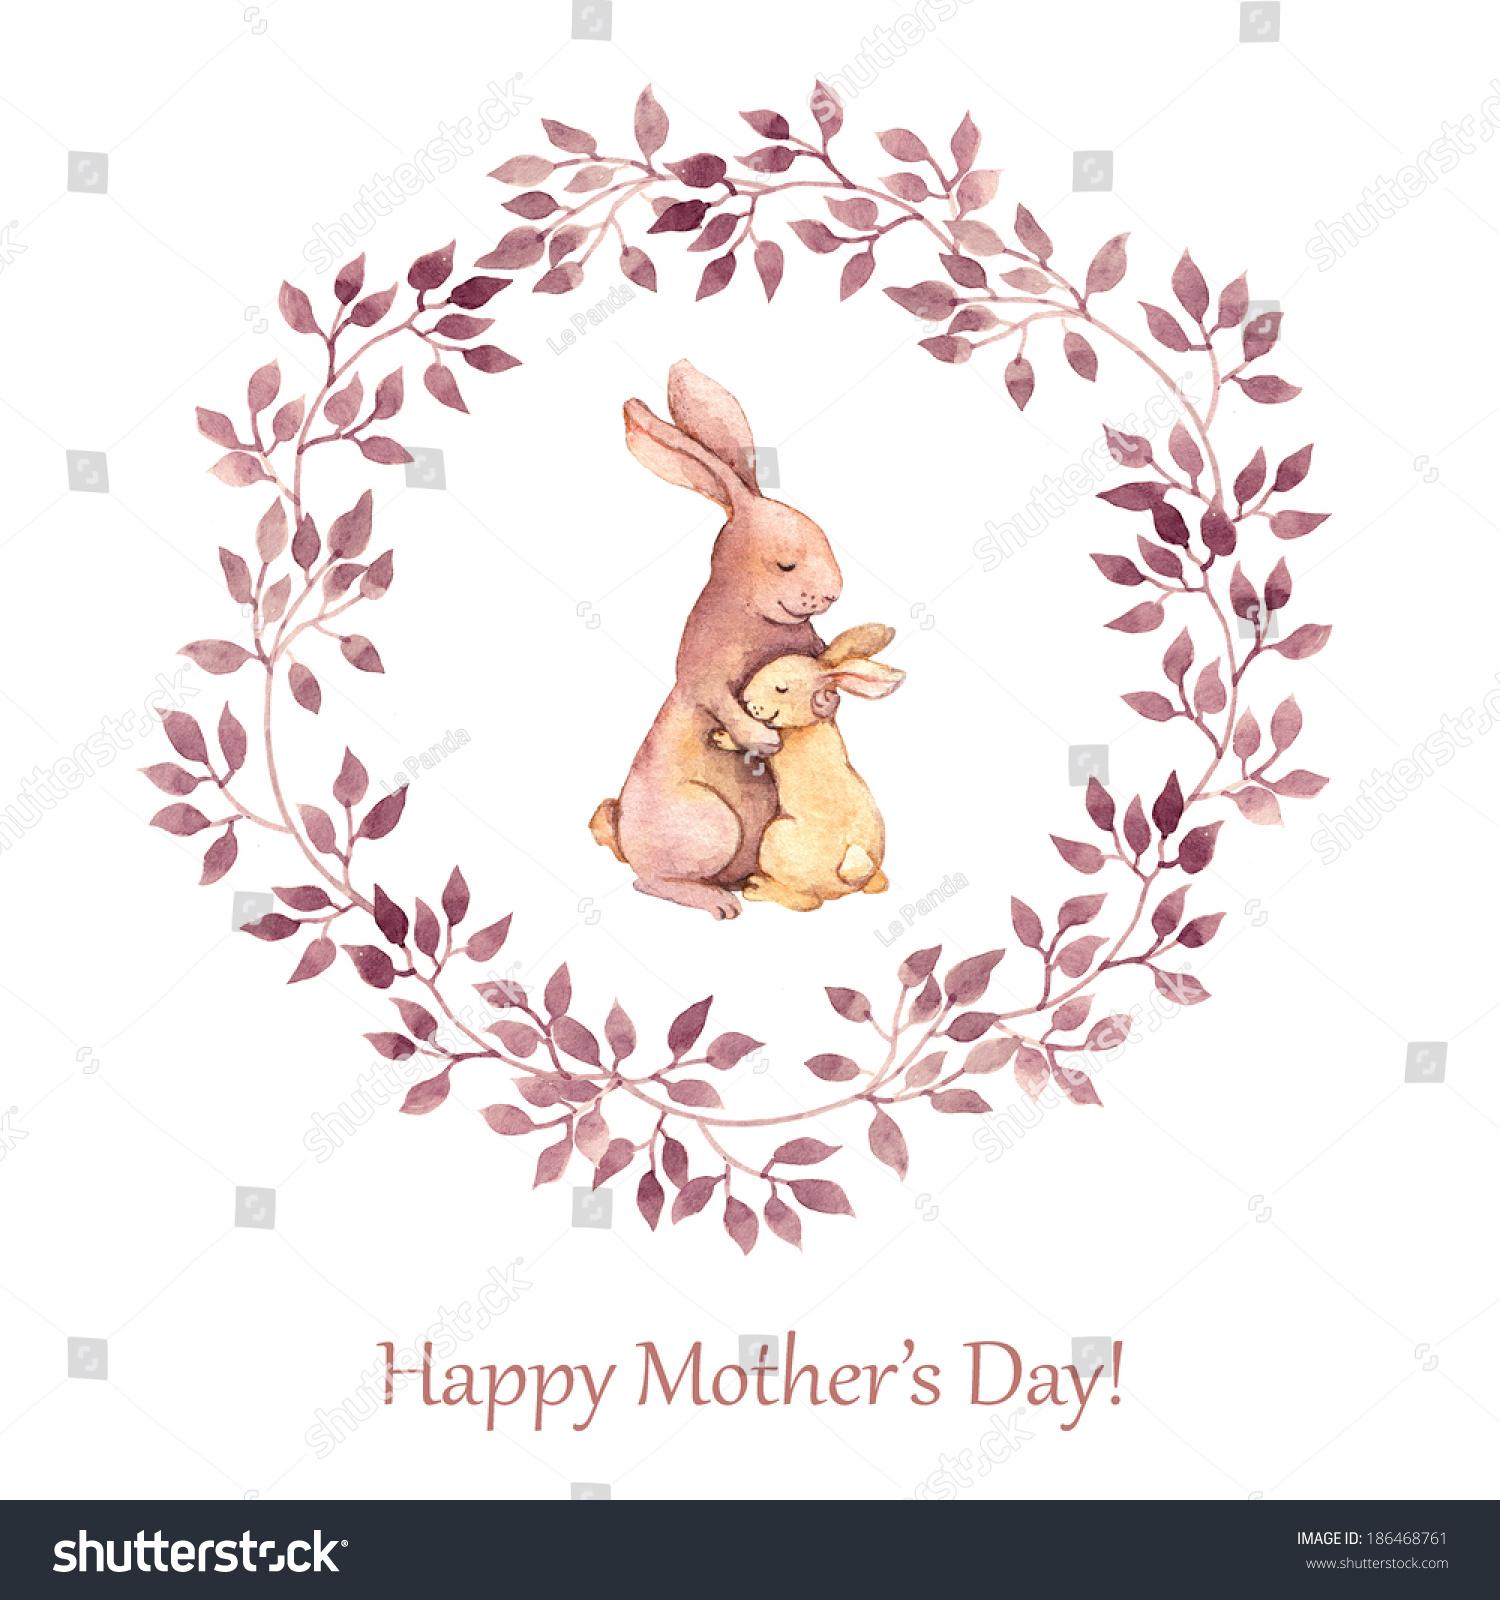 手绘贺卡与可爱的动物——兔子妈妈母亲节她抱孩子.